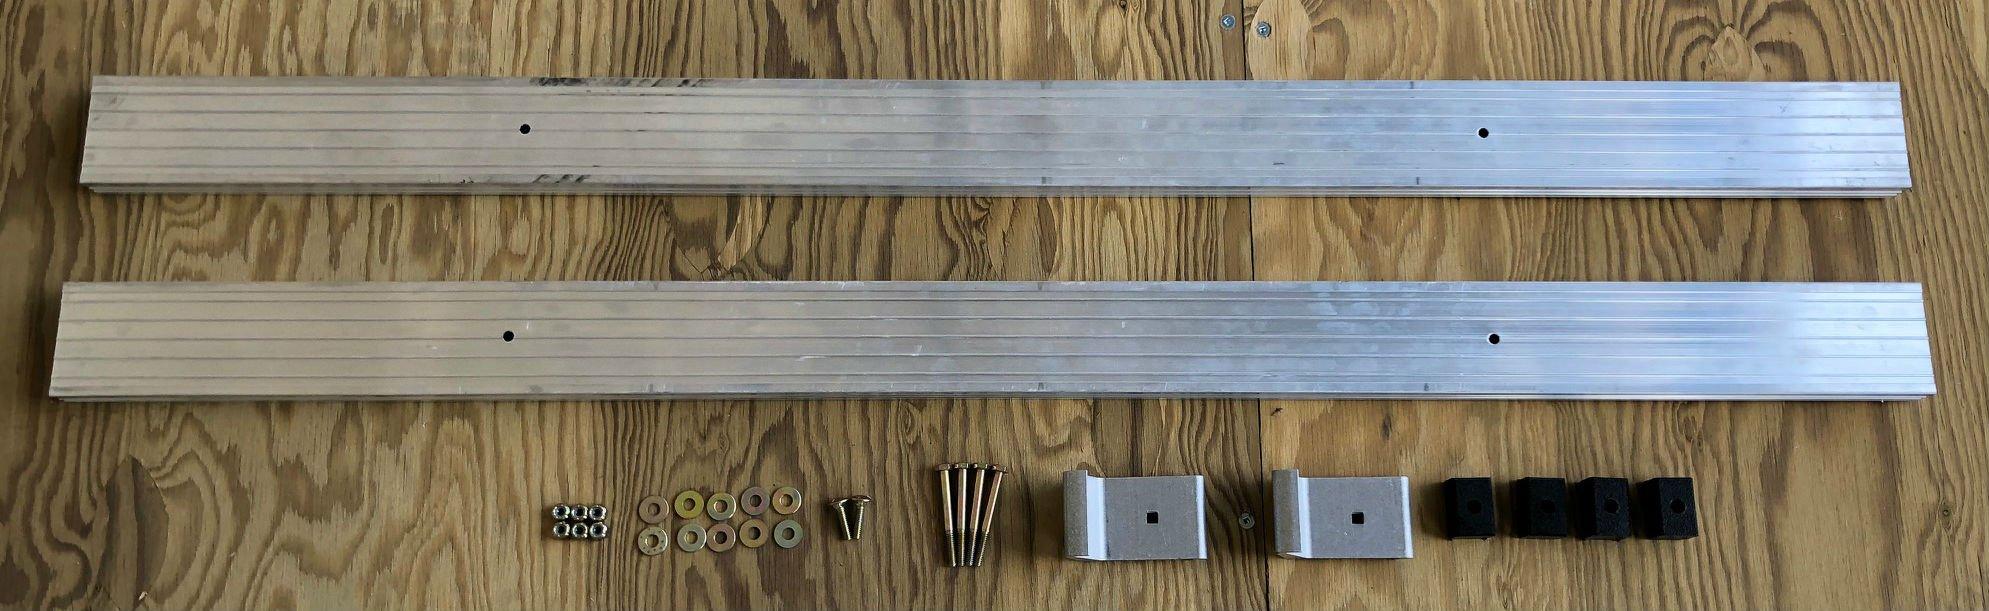 Triton 12910 Sidesaddle Ramp Kit by Triton